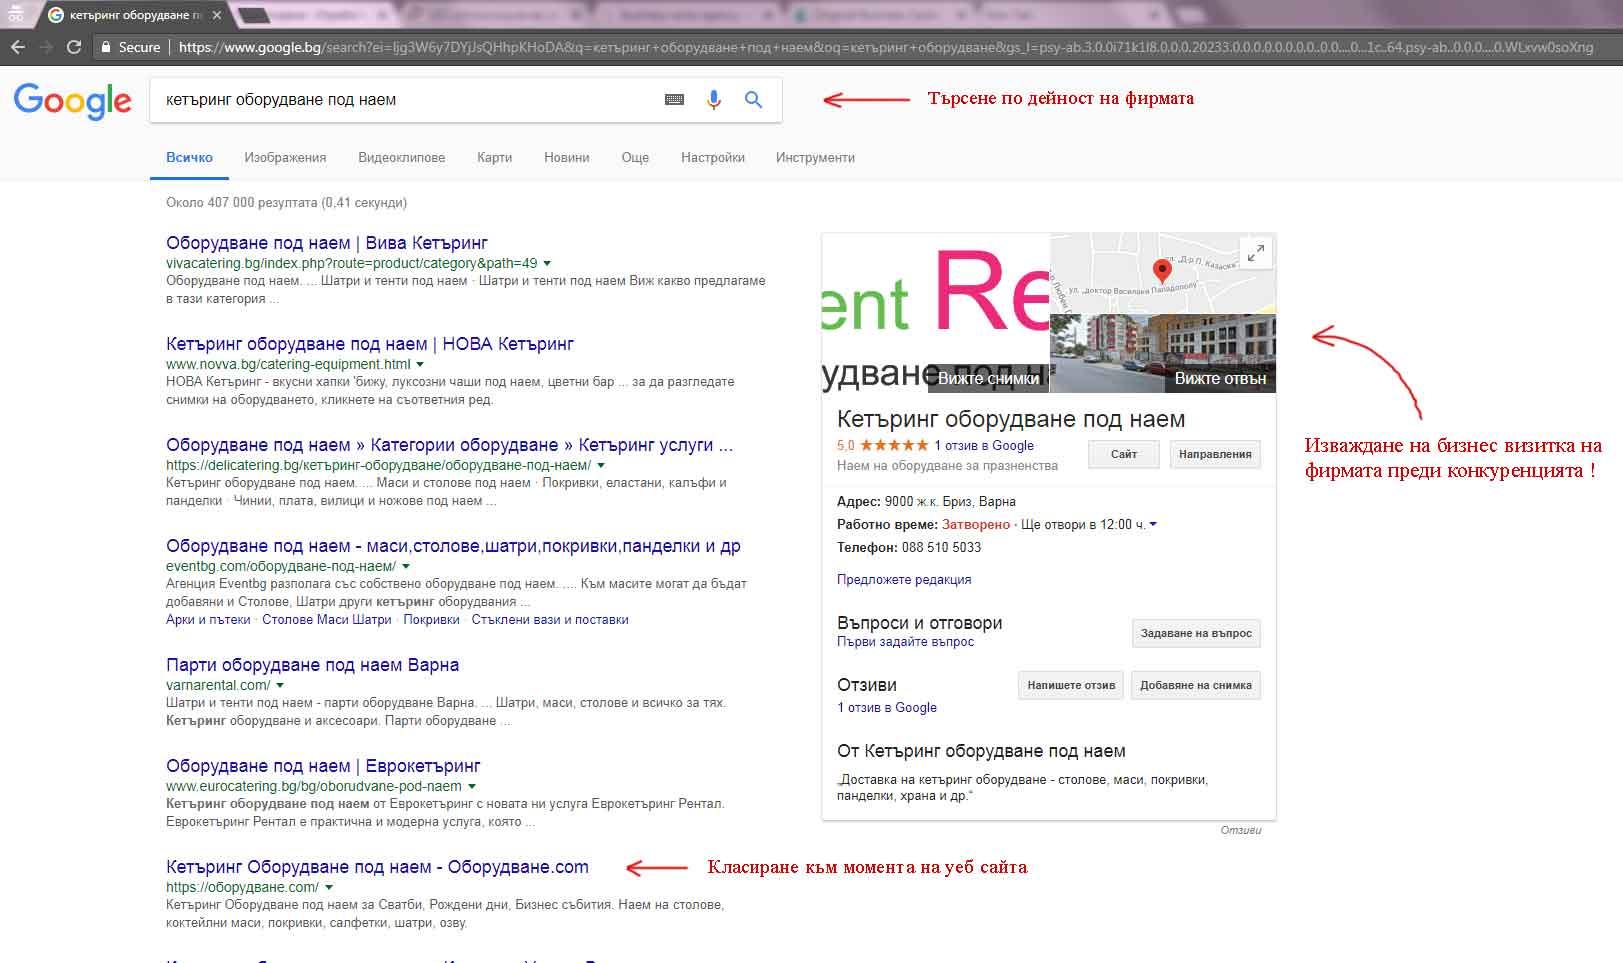 SEO Оптимизация на уеб сайт